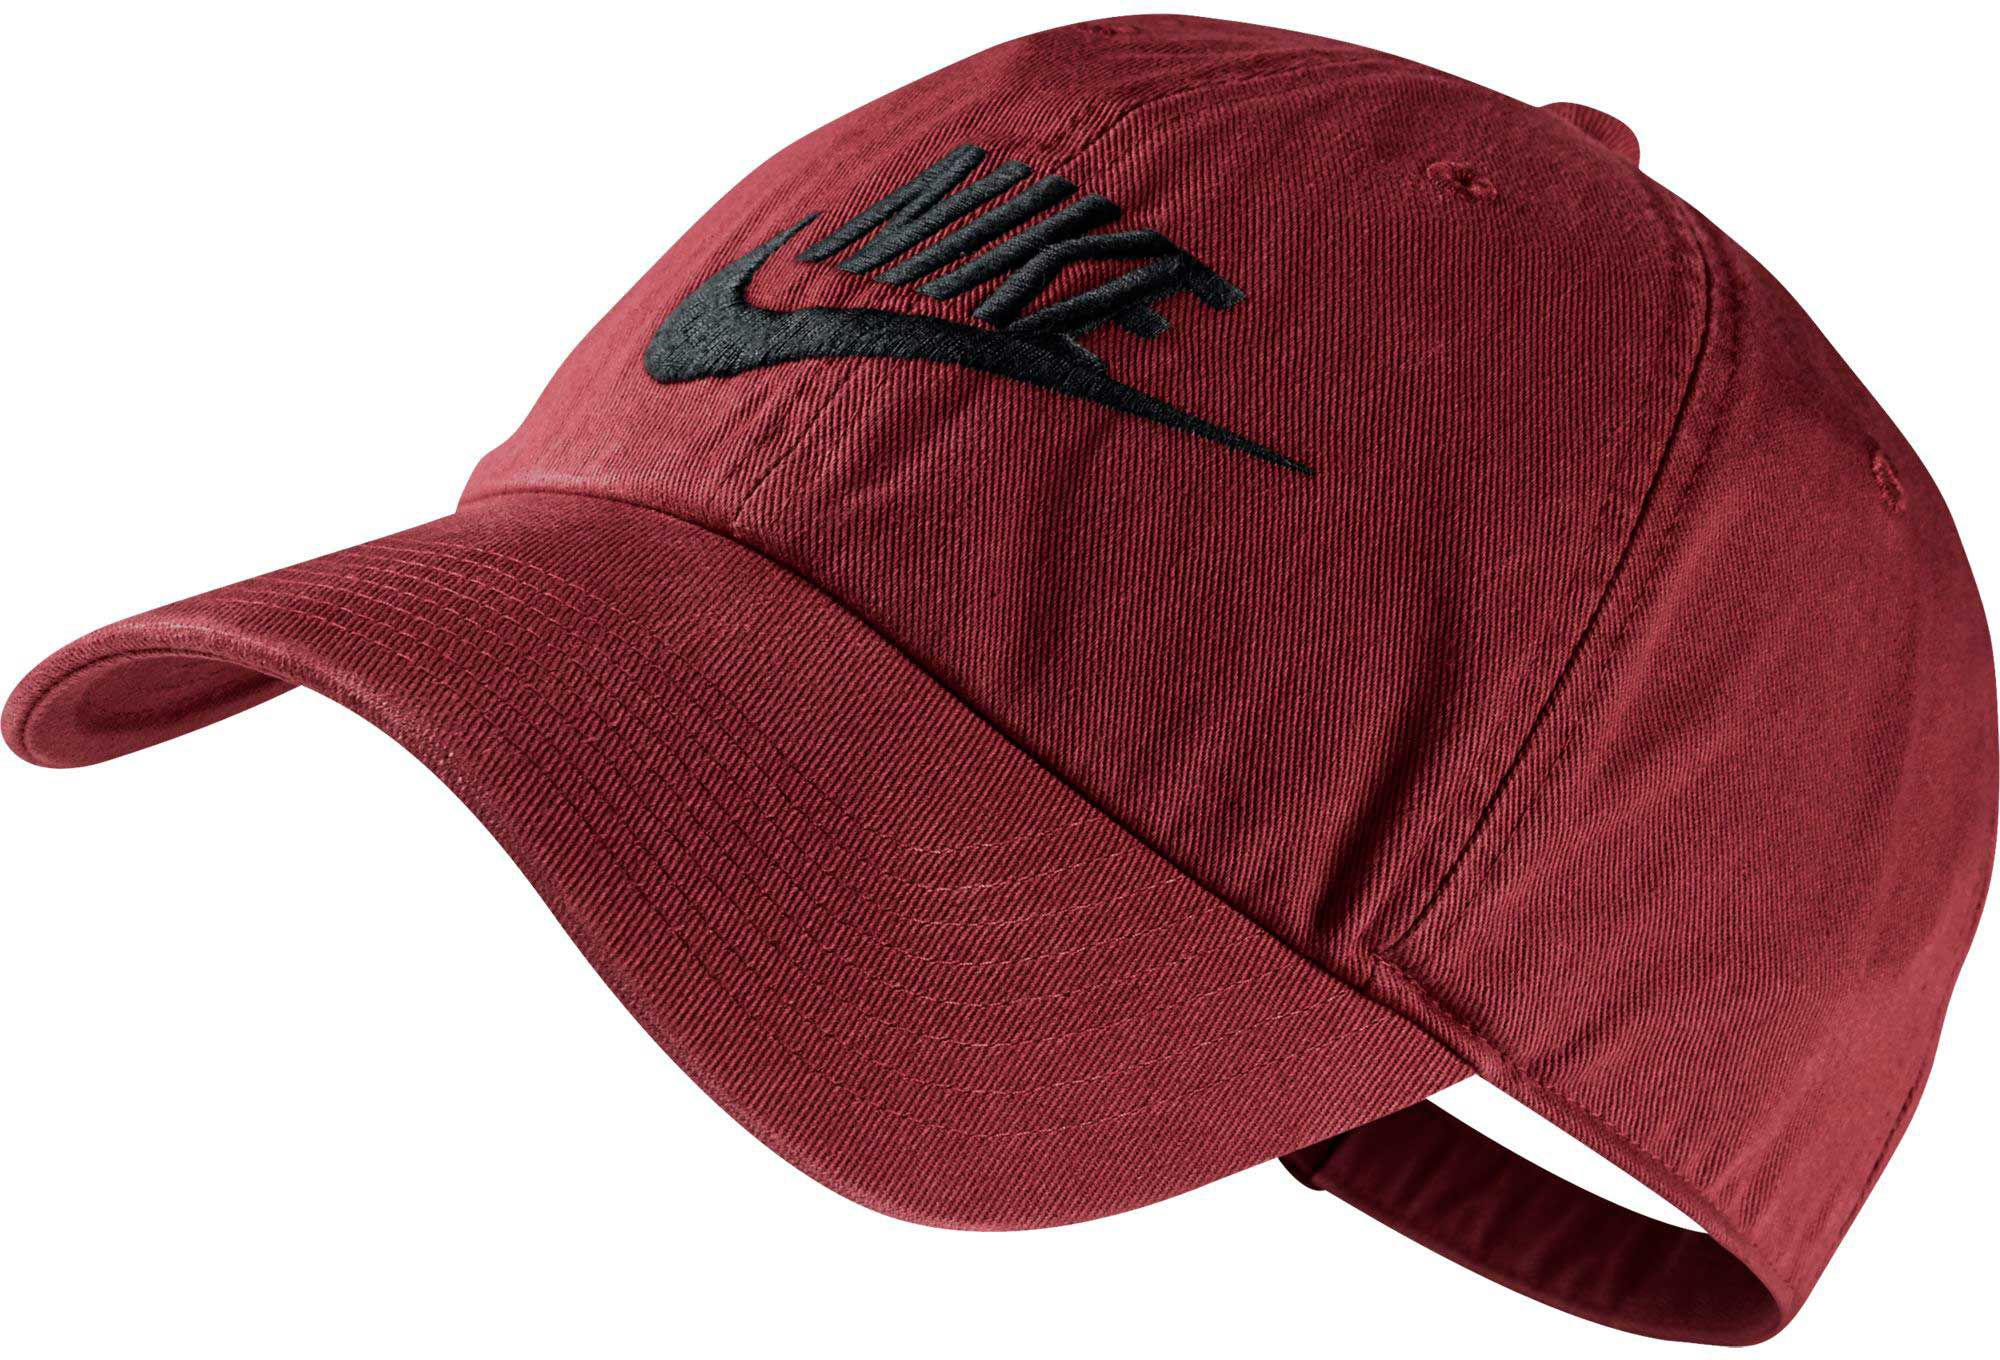 Lyst - Nike Heritage 86 Futura Adjustable Hat in Red for Men 067af332db9